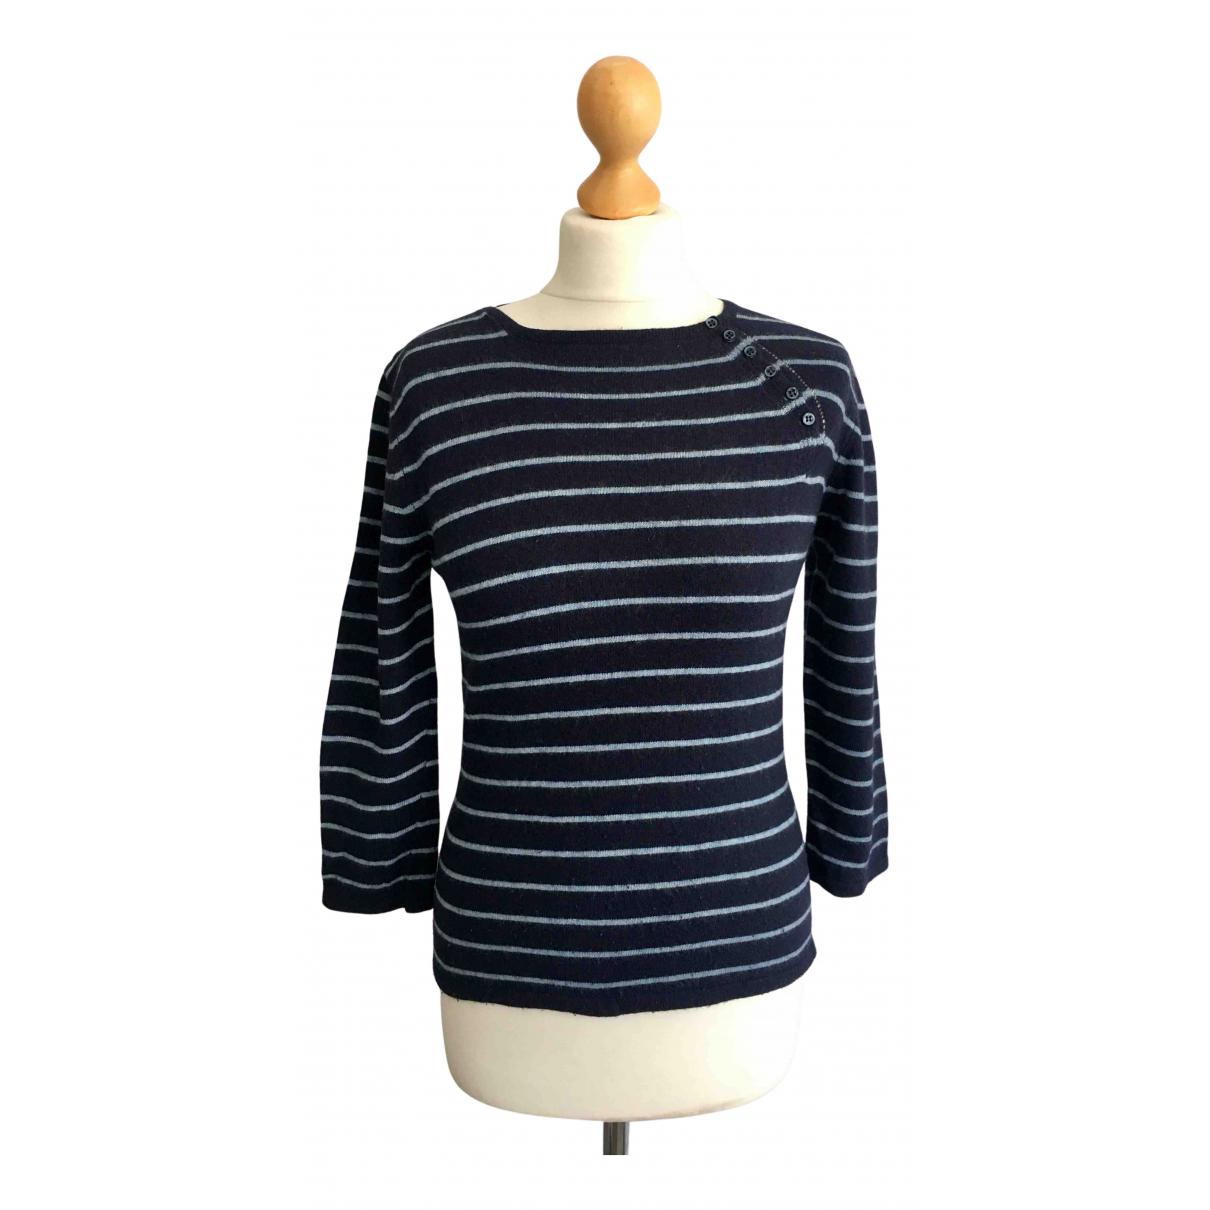 Lk Bennett - Pull   pour femme en laine - bleu